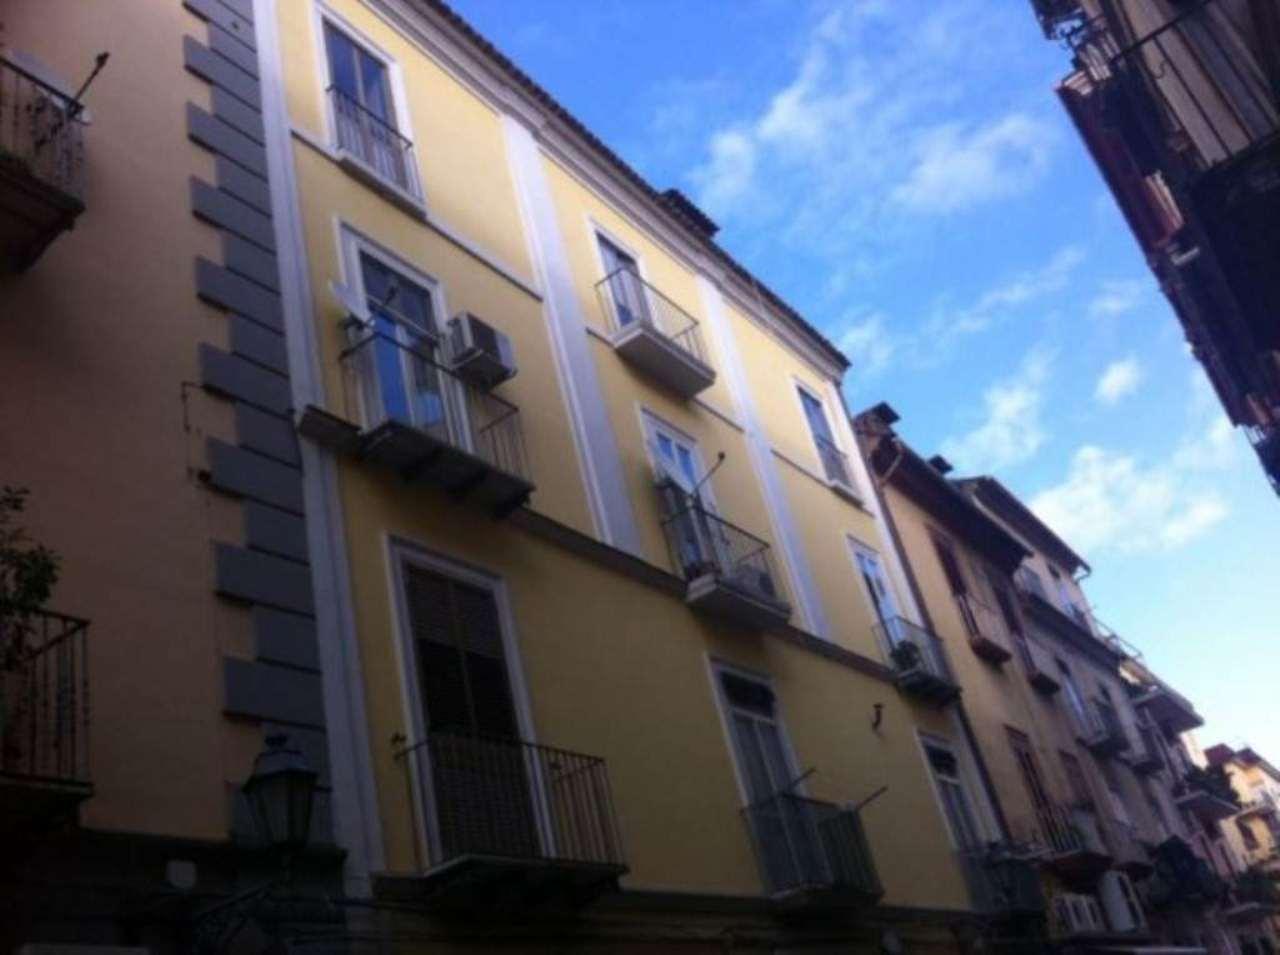 Appartamento in vendita a Caserta, 6 locali, prezzo € 380.000 | Cambio Casa.it